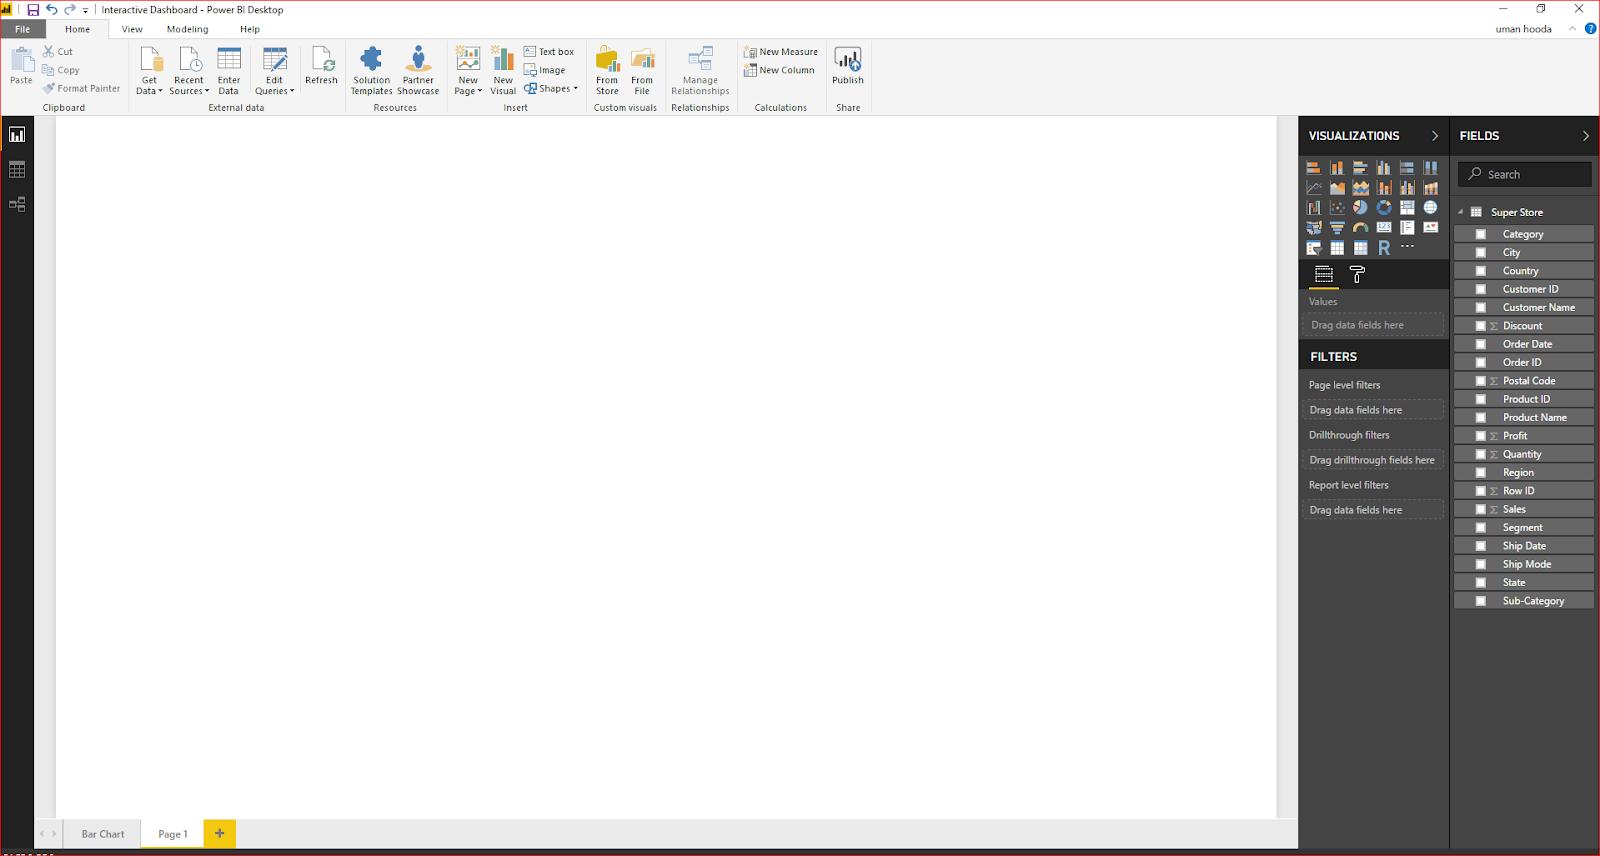 Interactive Dashboard In Microsoft Power BI 32